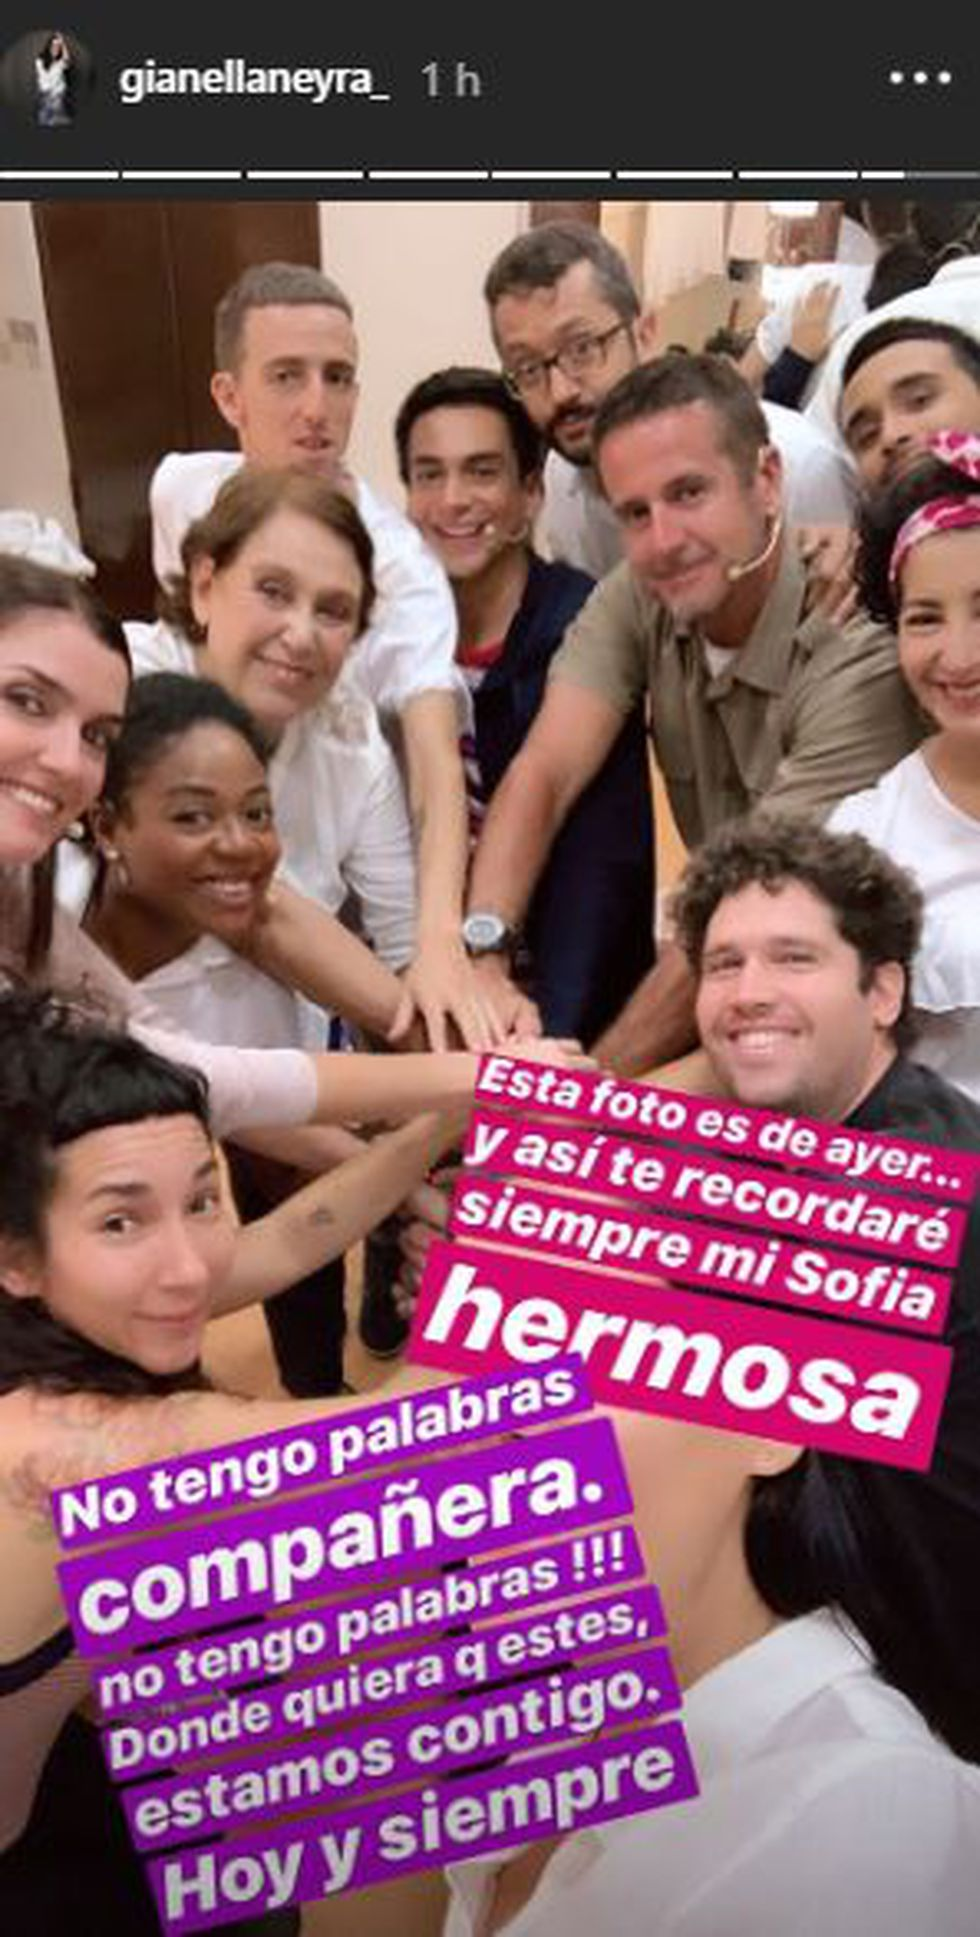 Gianella Neyra conmocionada tras enterarse de la muerte de Sofía Rocha. (Foto: @@gianellaneyra_)